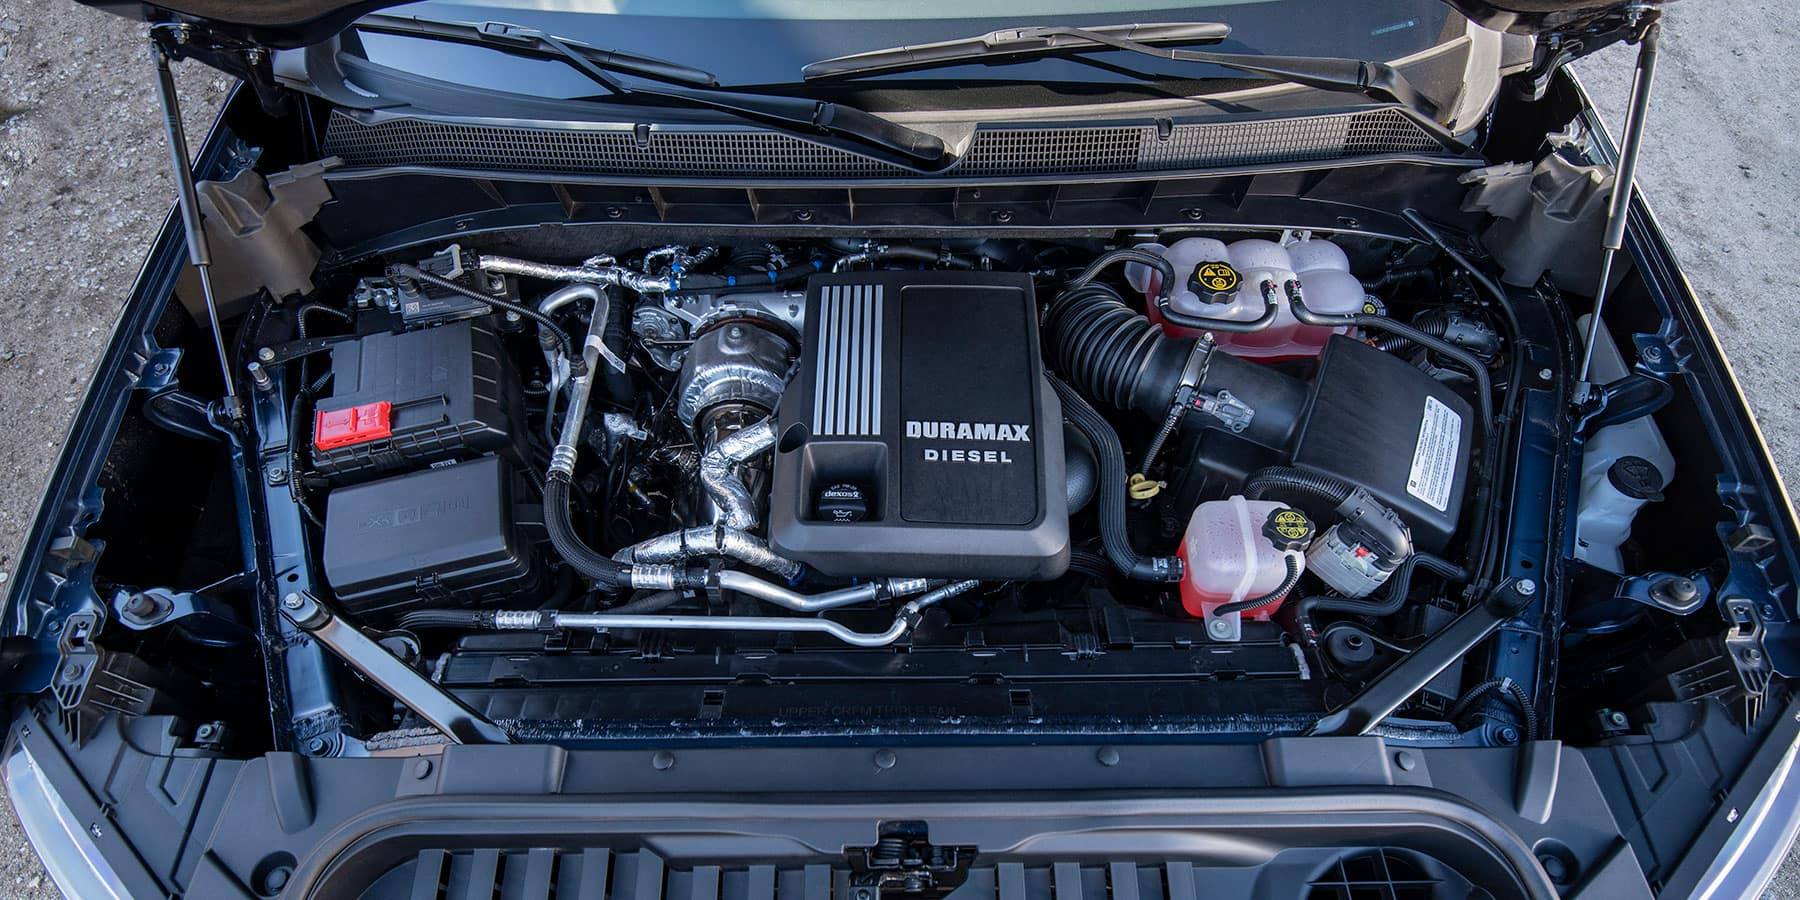 2020 Silverado engine